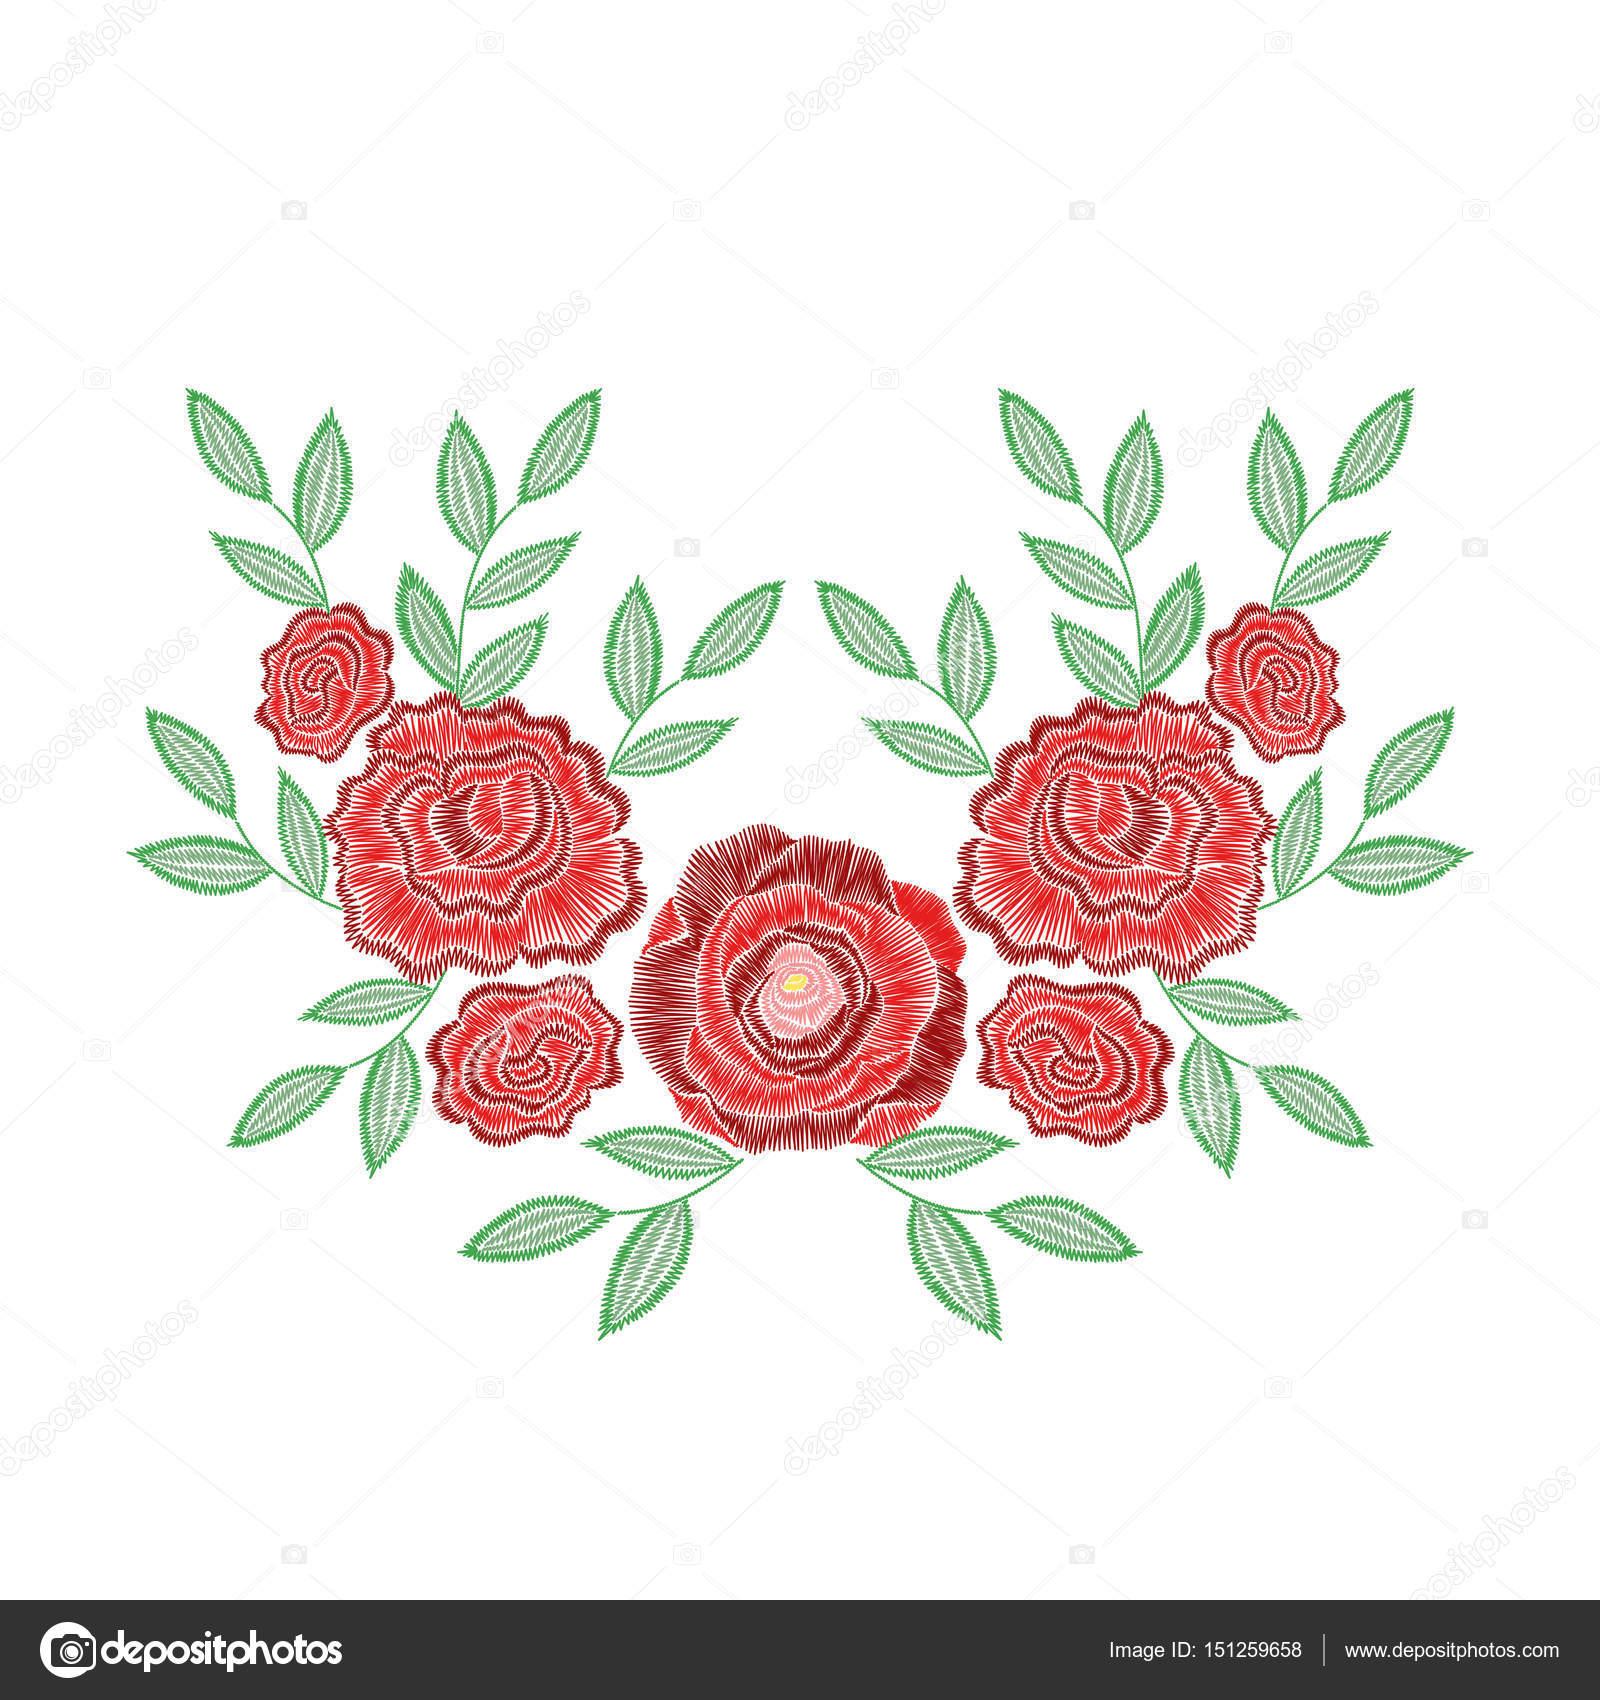 Vectores: para bordado | Puntadas de bordado con flores color de ...